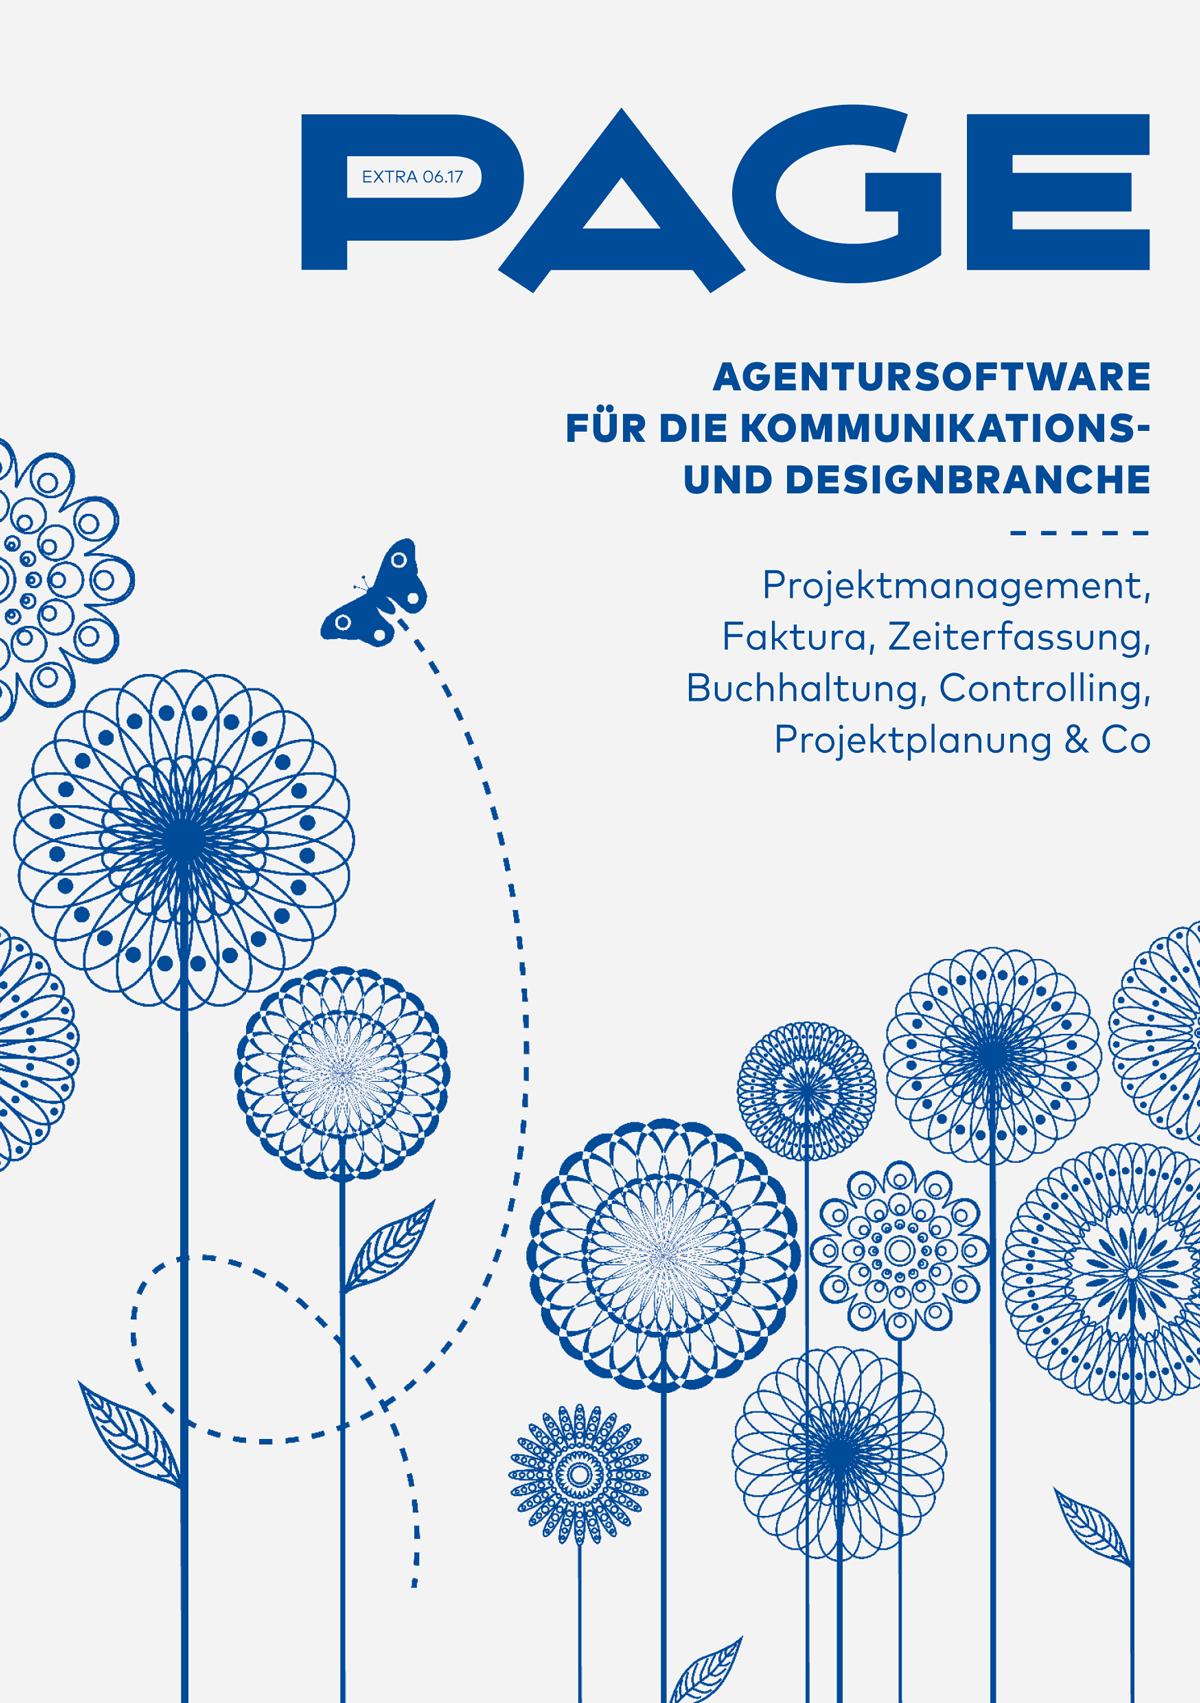 Projektmanagement, Agentursoftware